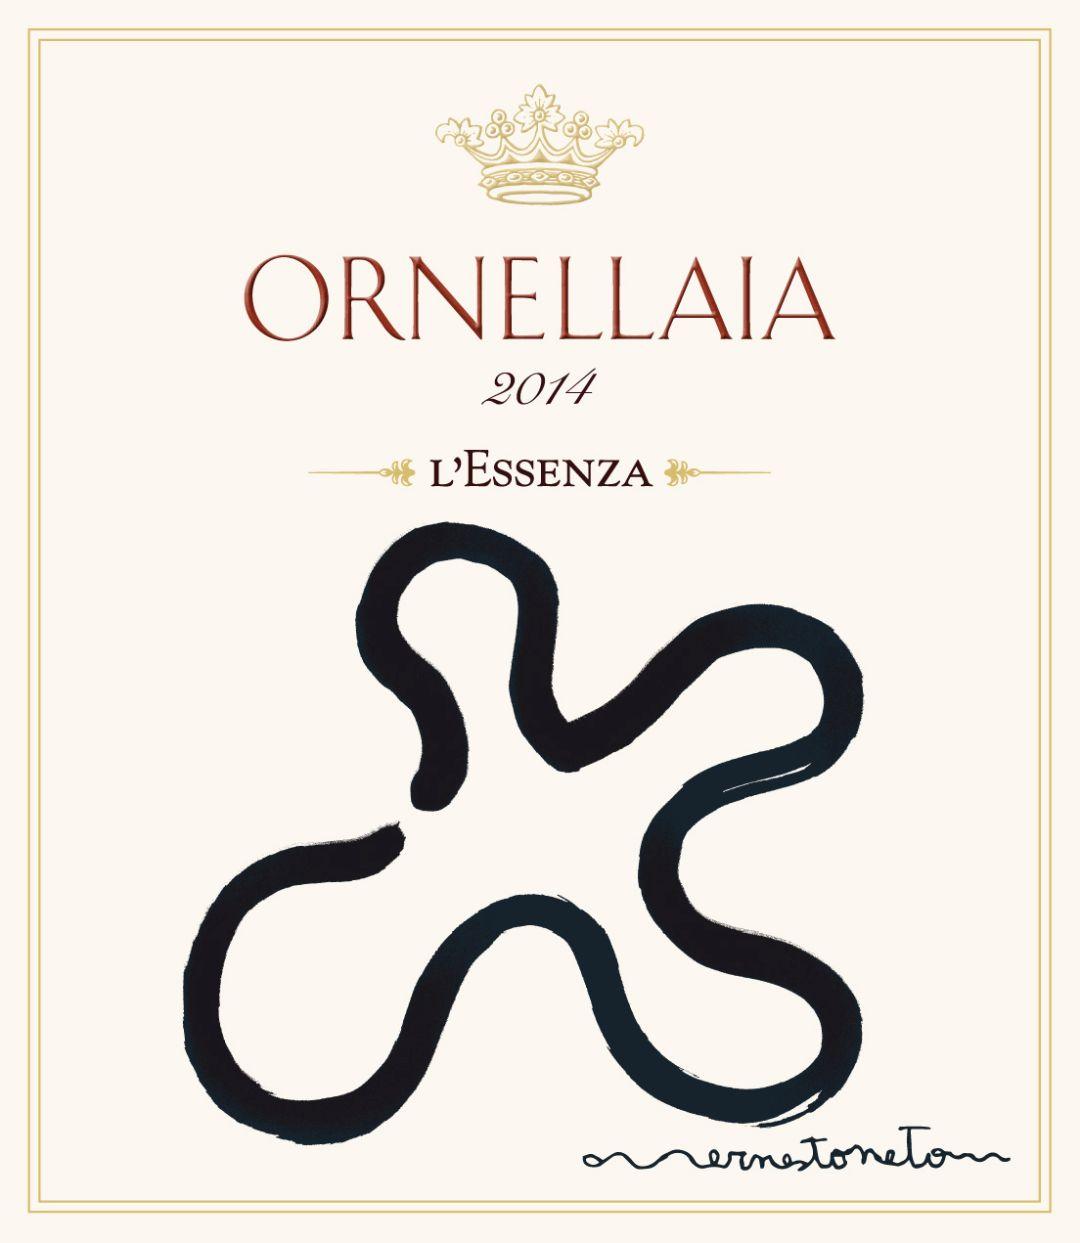 Ornellaia 2014 label